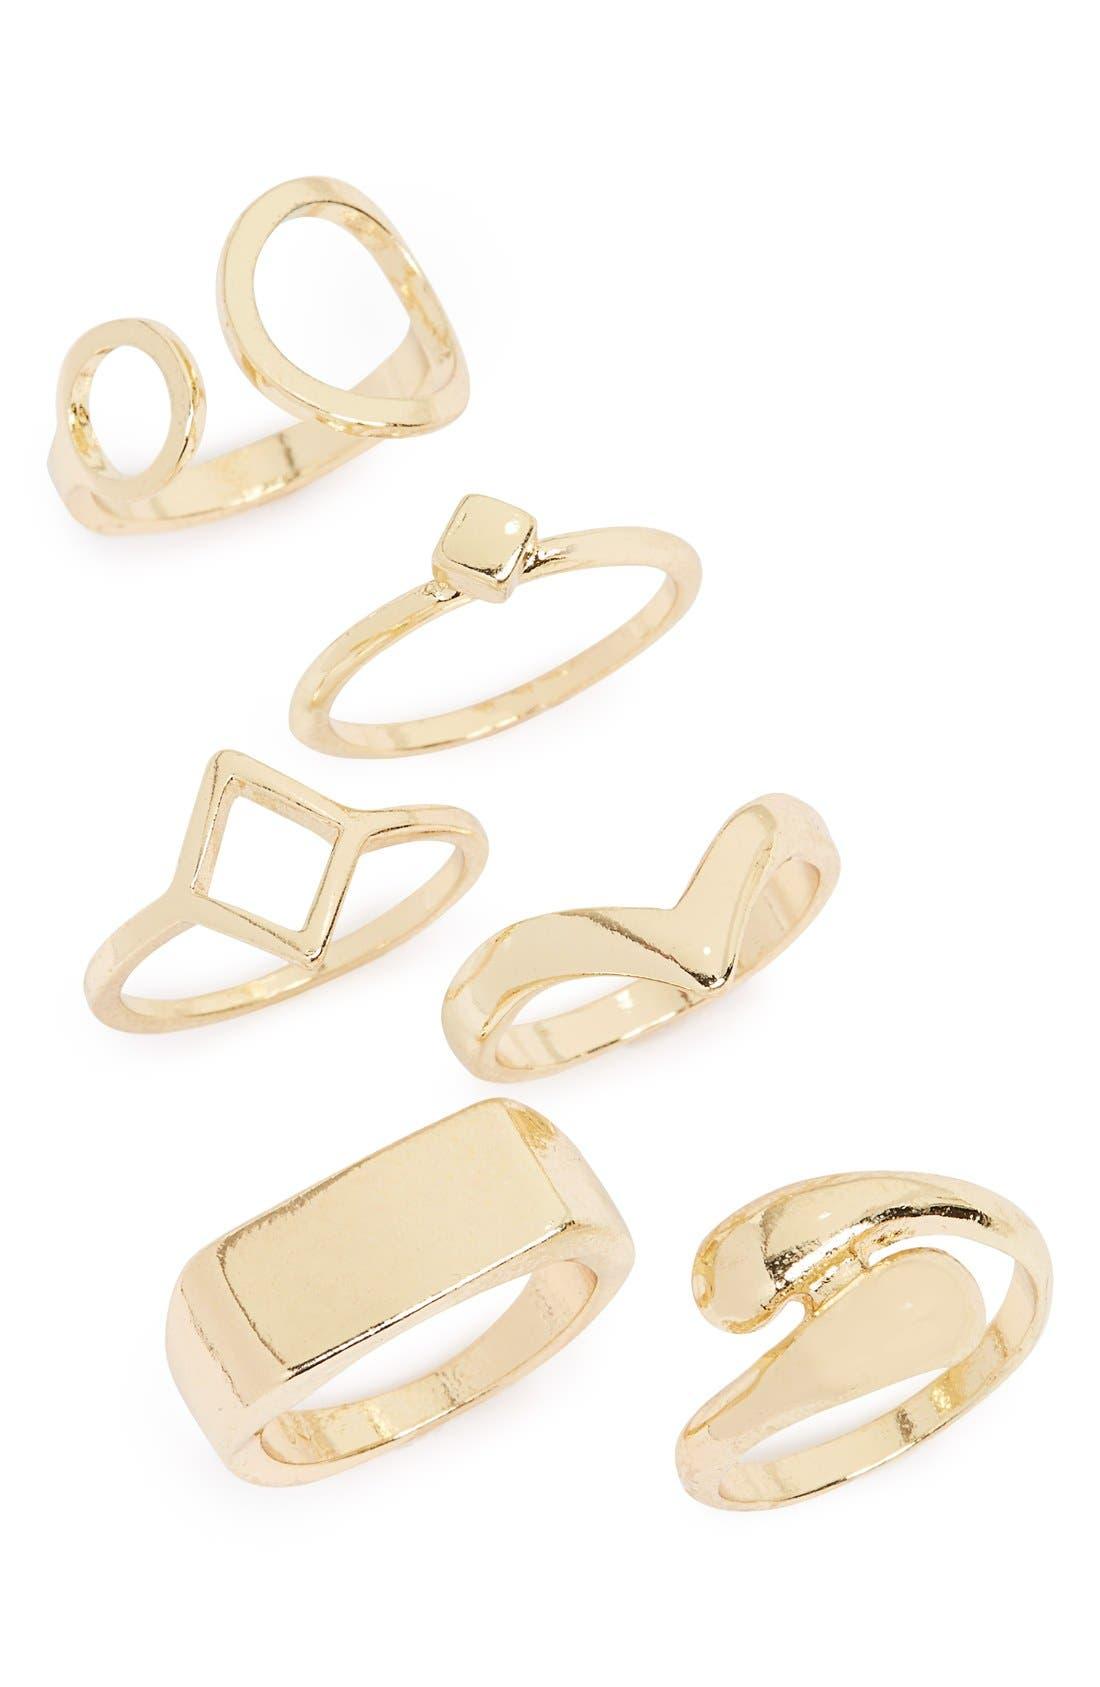 Main Image - Topshop Geometric Rings (Set of 6)